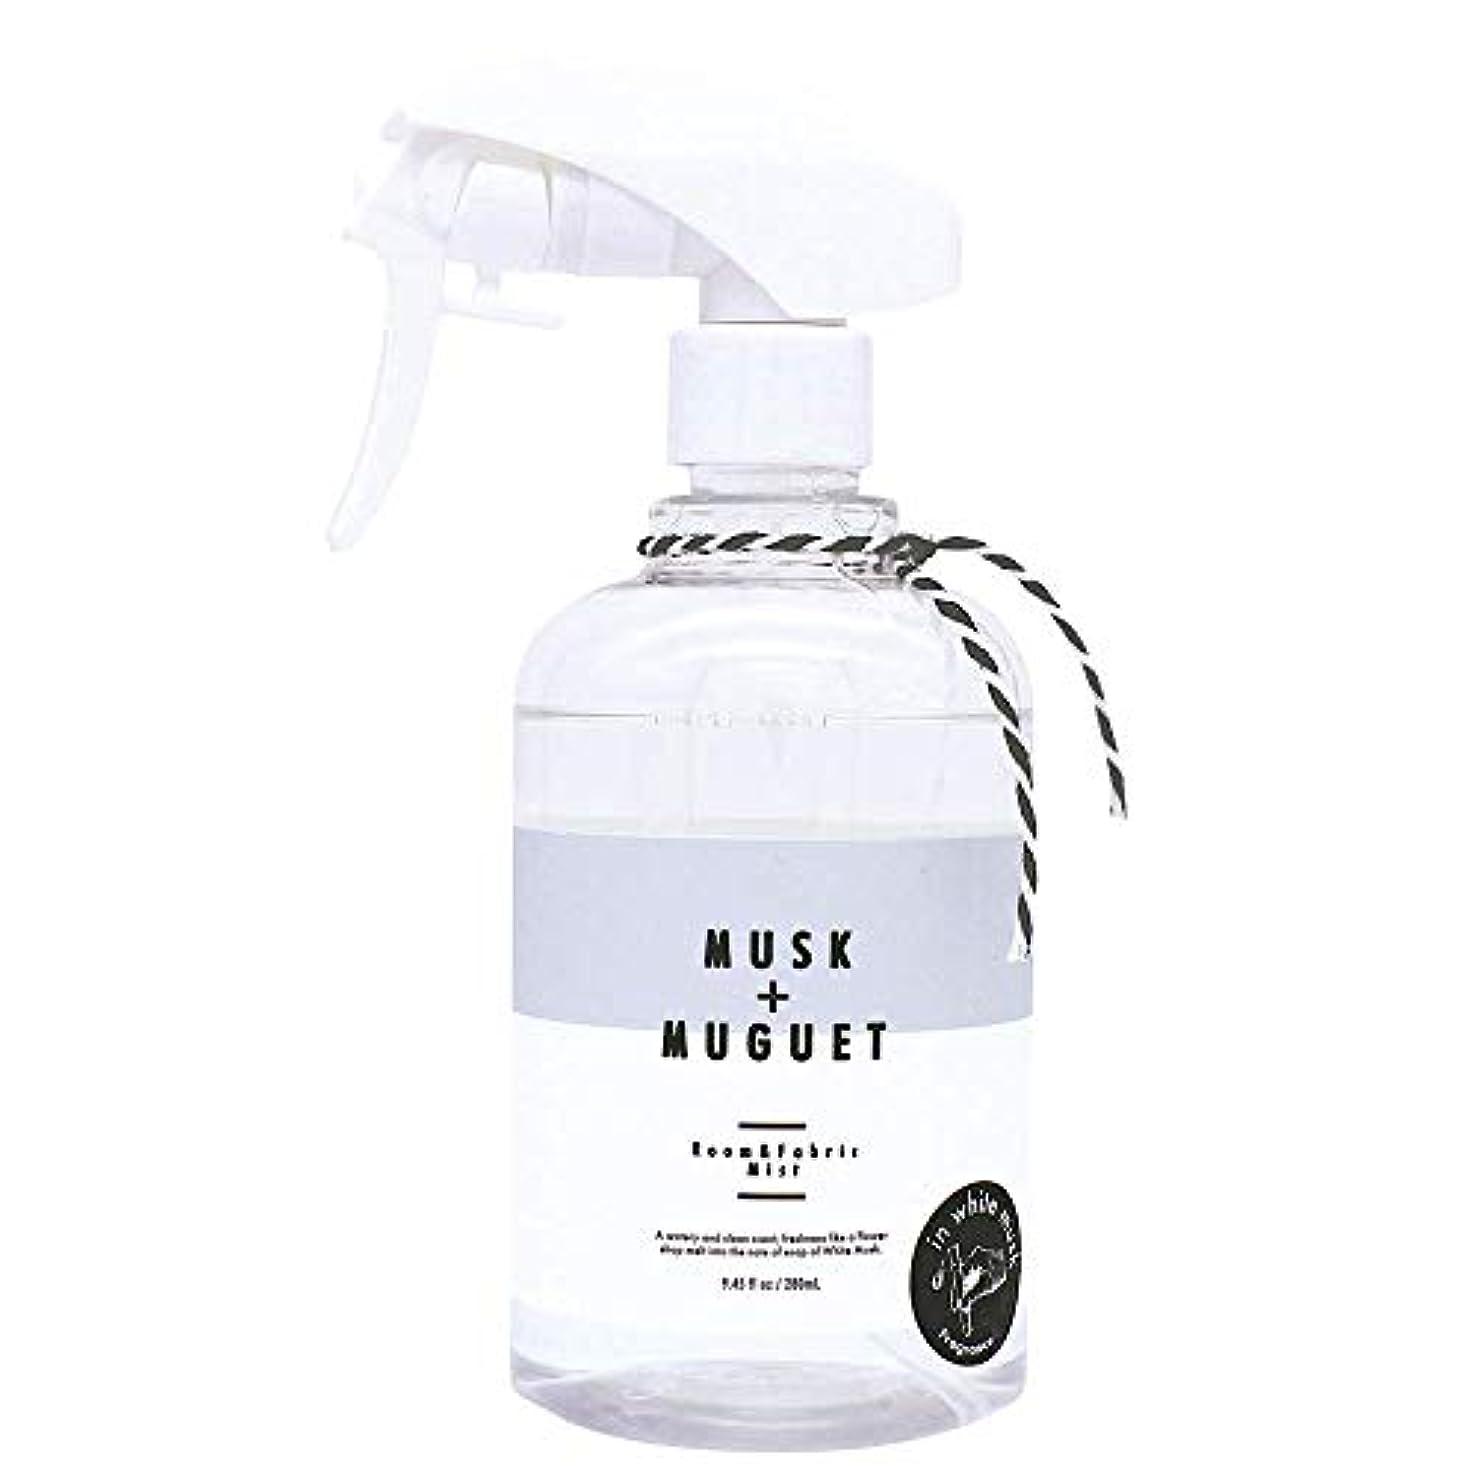 たらい極めて重要な権限を与えるノルコーポレーション ルーム&ファブリックミスト more room 消臭成分配合 ホワイトムスク & ミュゲの香り 280ml MRM-3-2